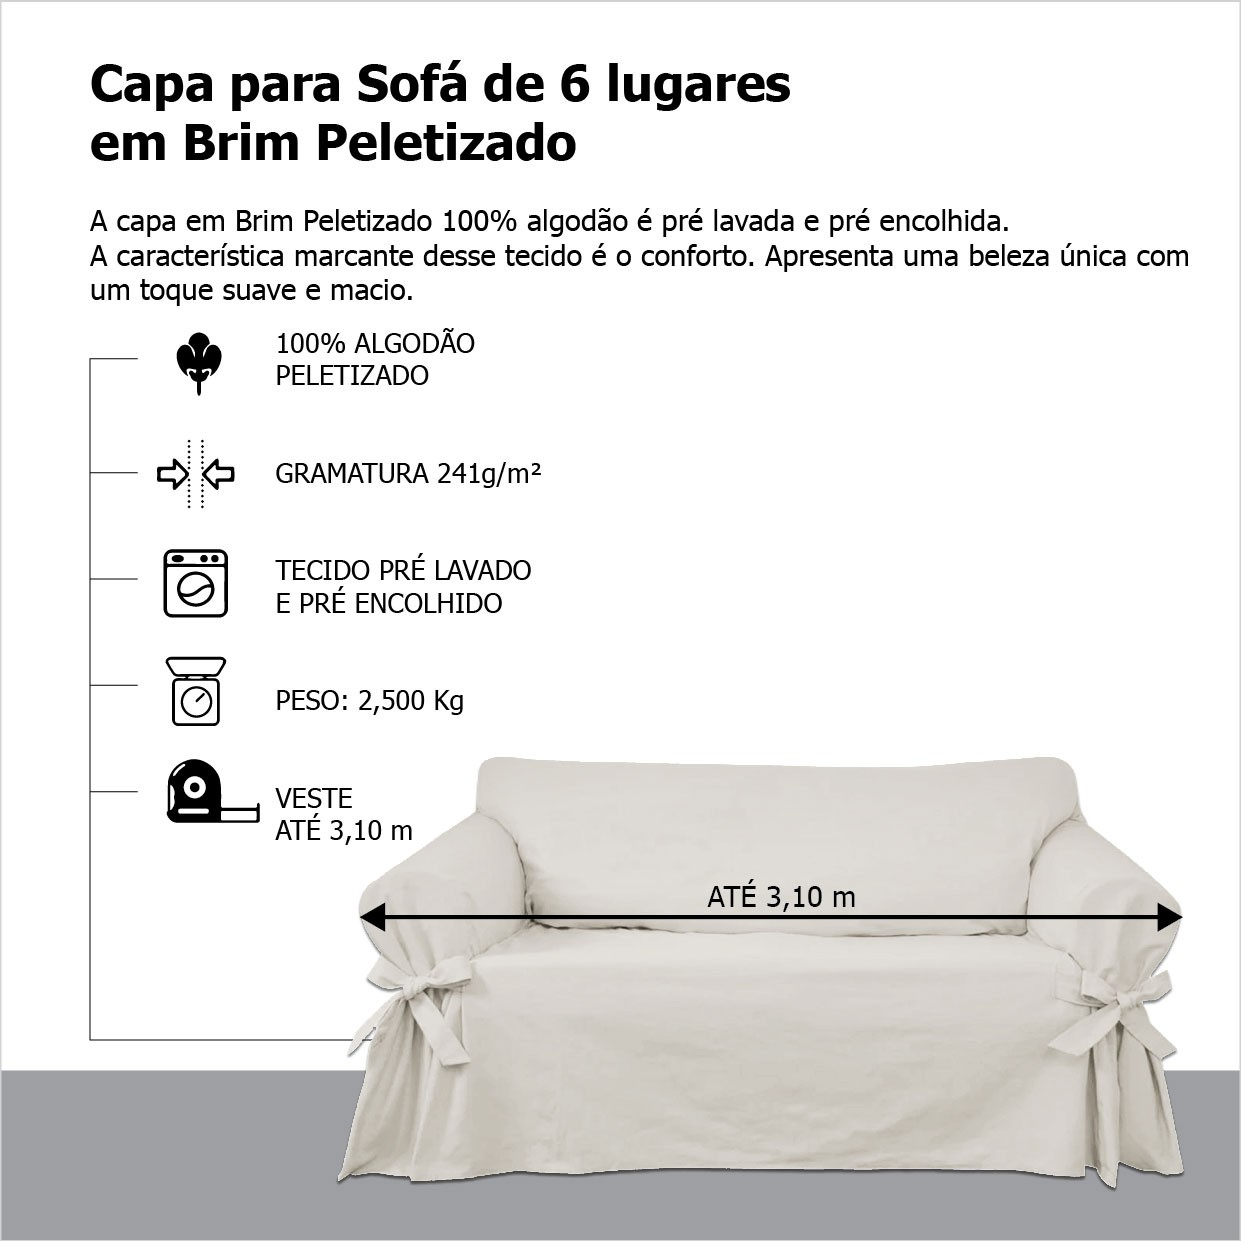 Capa para Sofá de 6 Lugares em Brim Sarja 100% Algodão Cor Crua